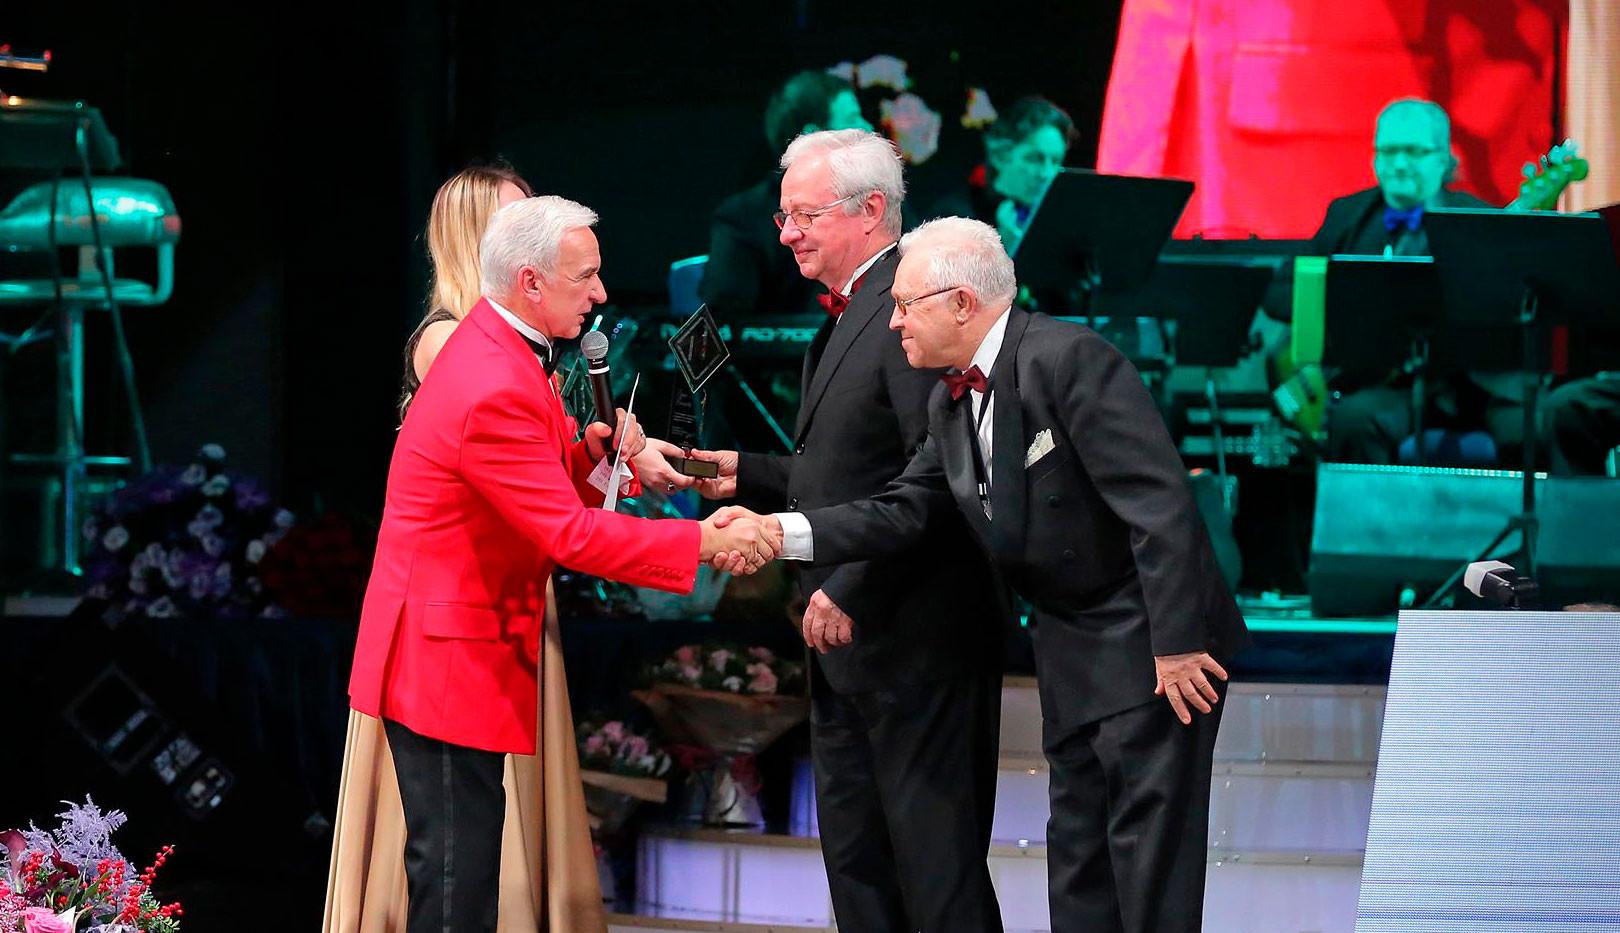 Станислав Попов, Виктор Попов, Бруно Белоусов, фото Елена Анашина